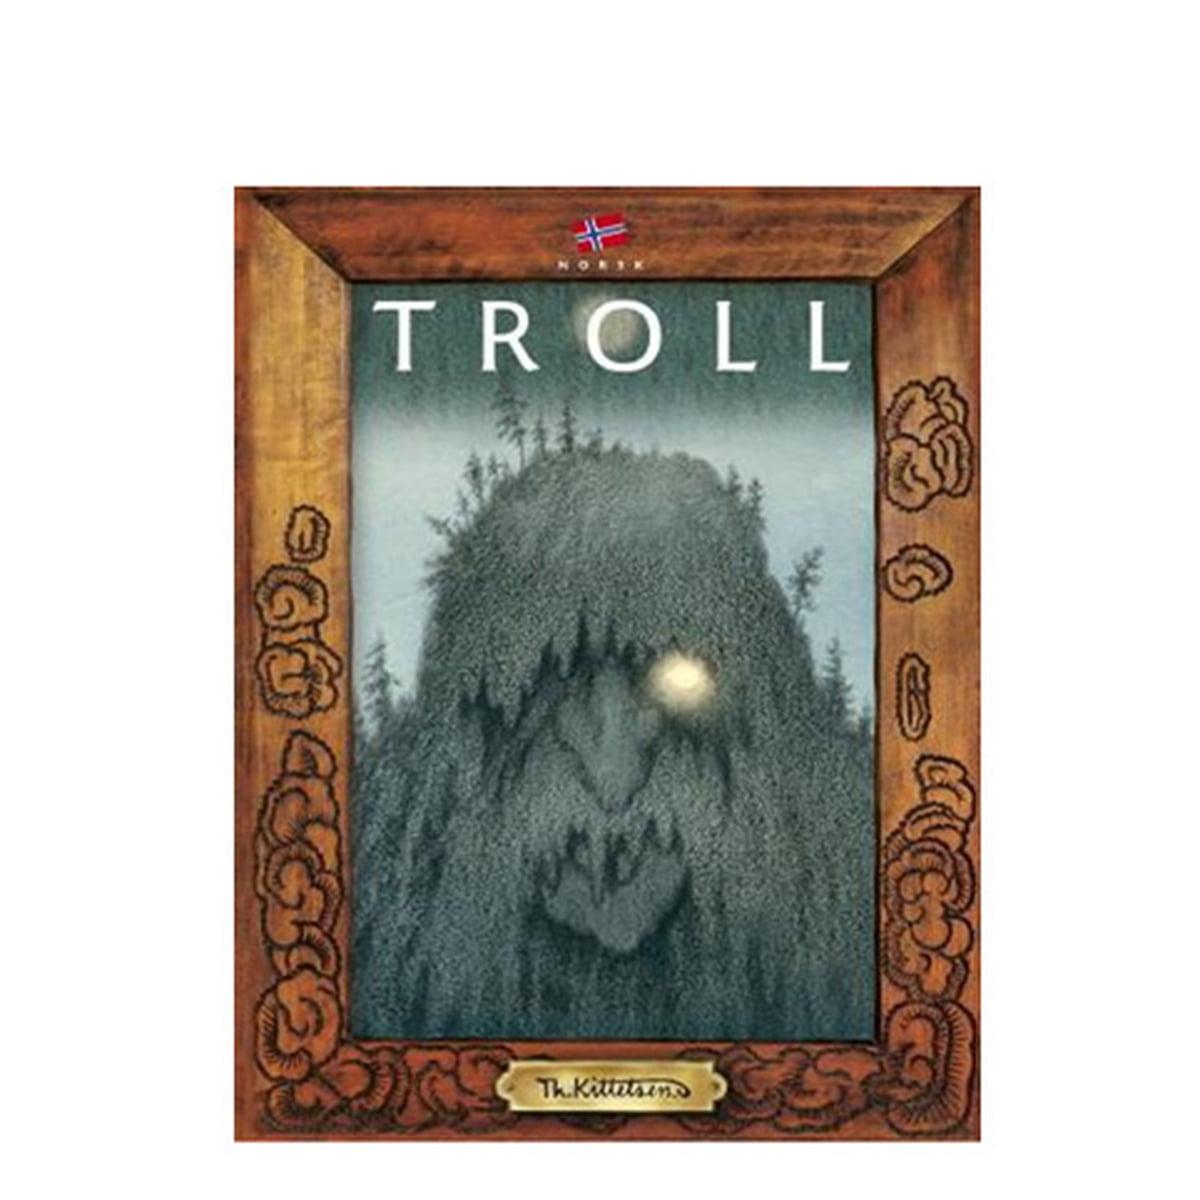 Trolls by Kittelsen